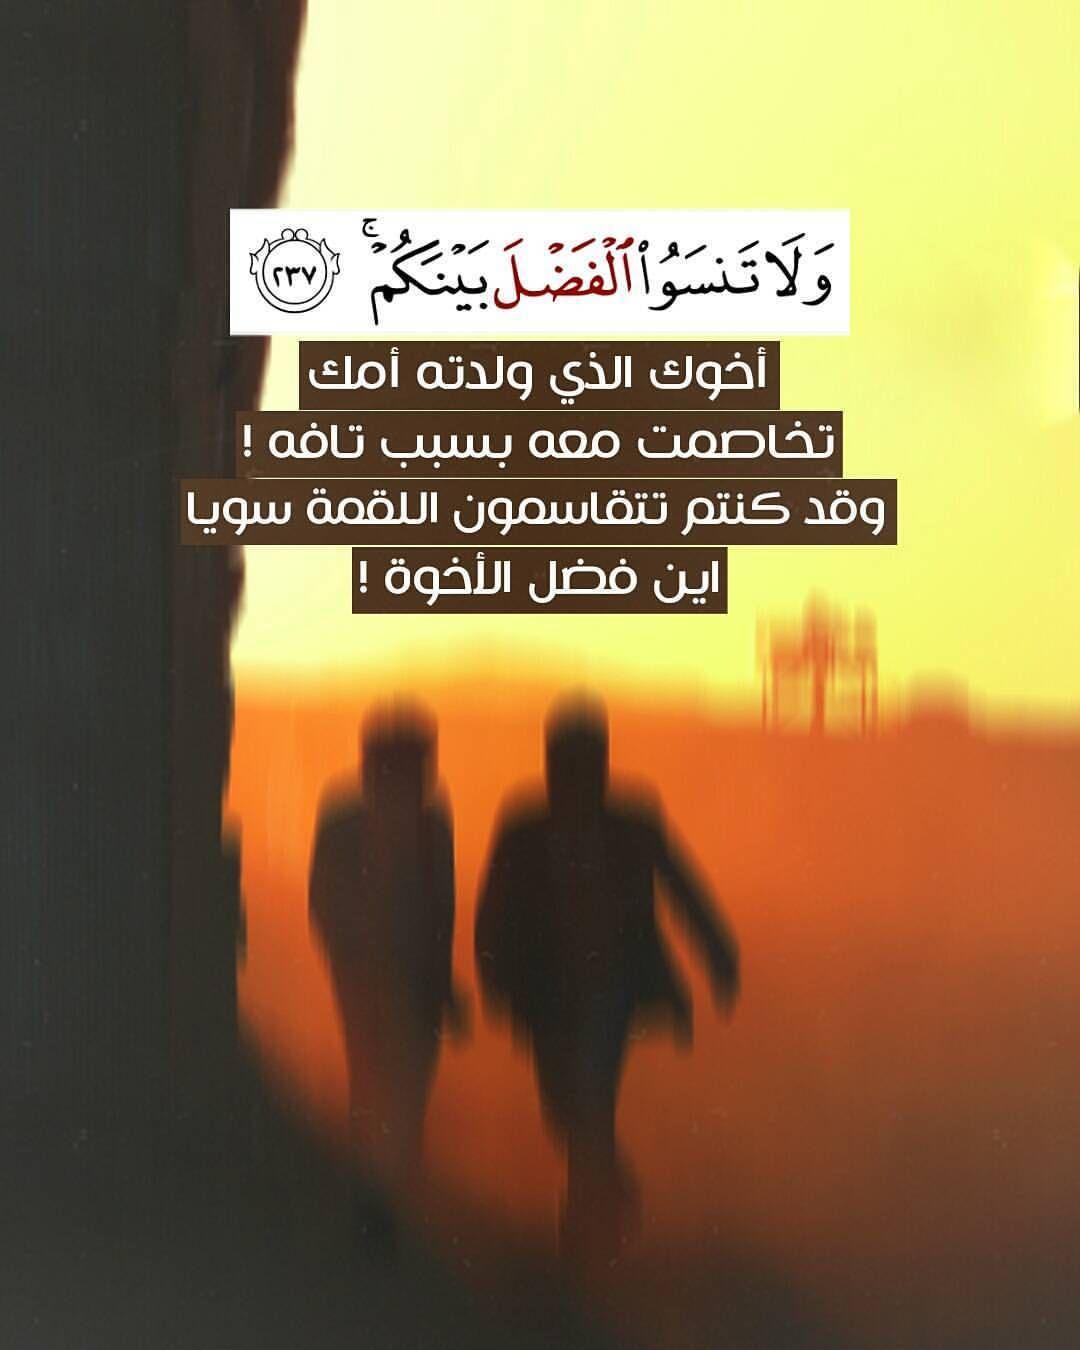 و ل ا ت نس و ا ال ف ض ل ب ي ن ك م 237 الآية من سورة هود أخوك الذي ولدته أمك تخاصمت معه بسبب تافه وقد ك Quran Quotes Islamic Quotes Quran Quran Verses